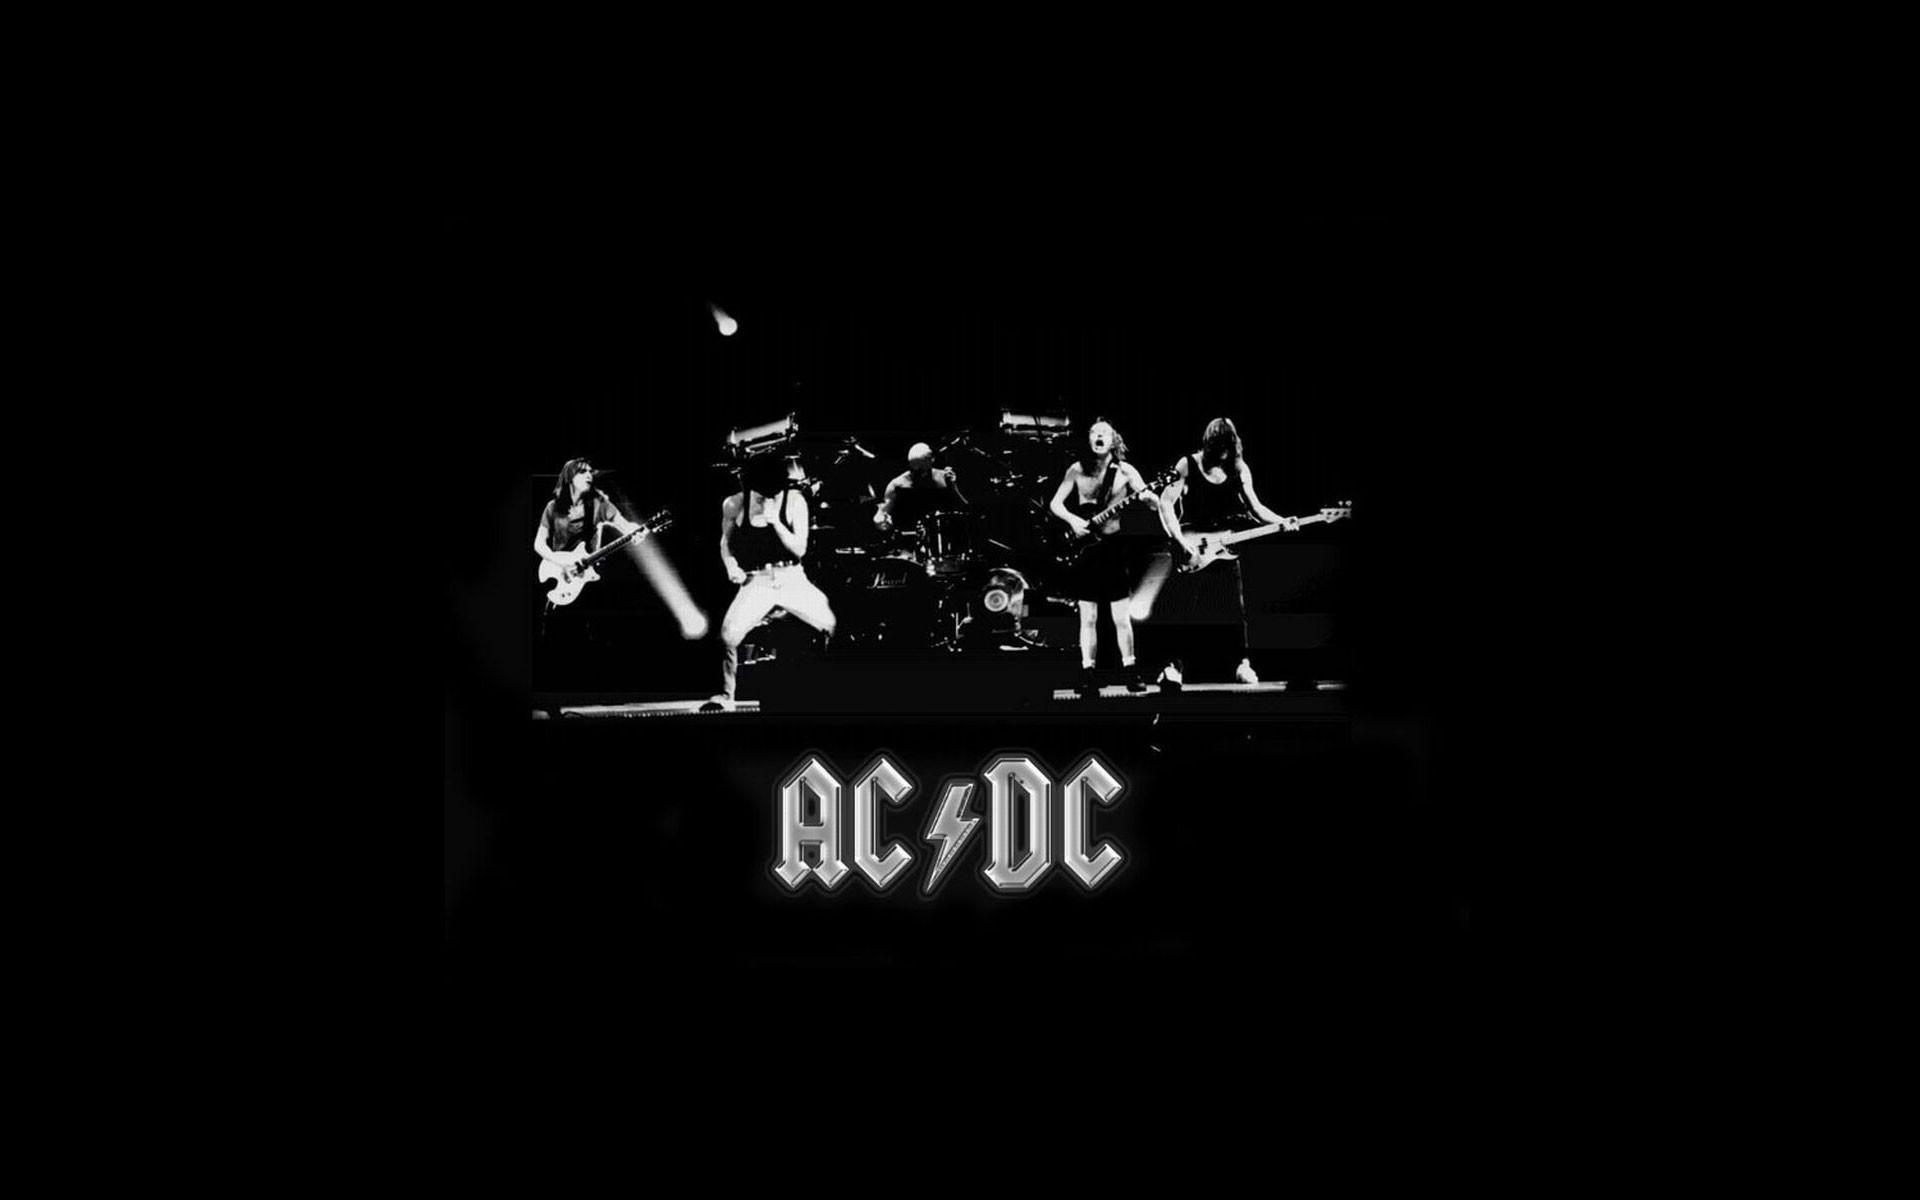 HOLA AMIGOS, AHORA LES TRAIGO UNOS BUENOS WALLPAPERS DE AC/DC!